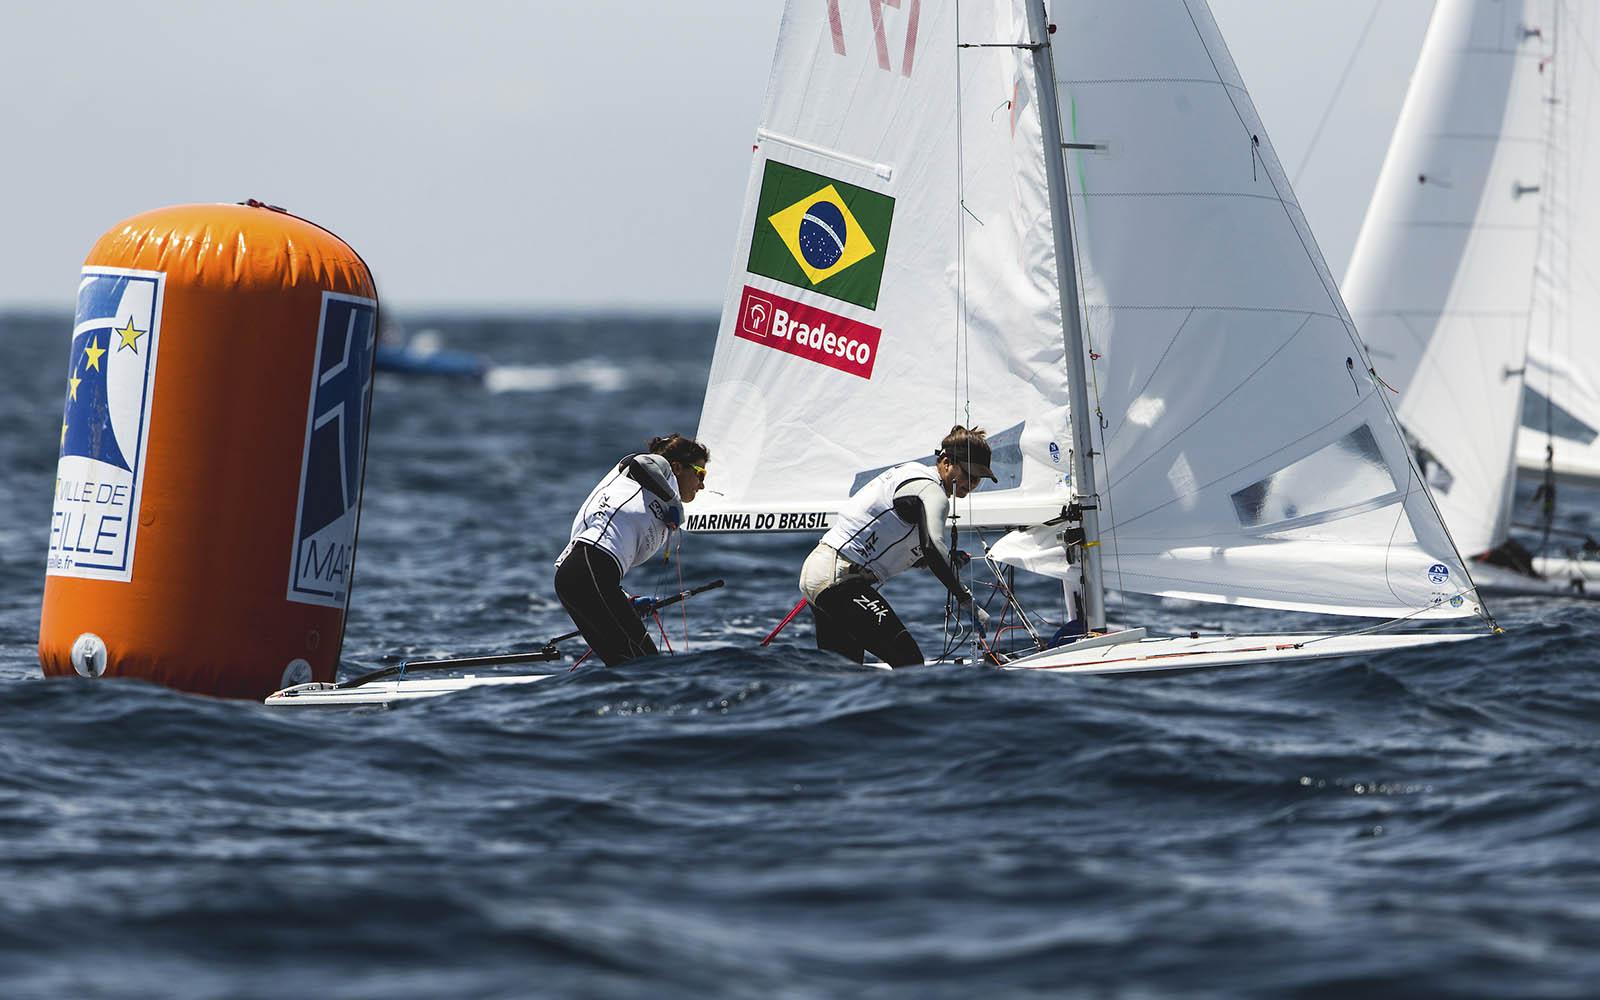 Brasil vence regatas em duas classes no 1º dia da Final da Copa do Mundo-boatshopping